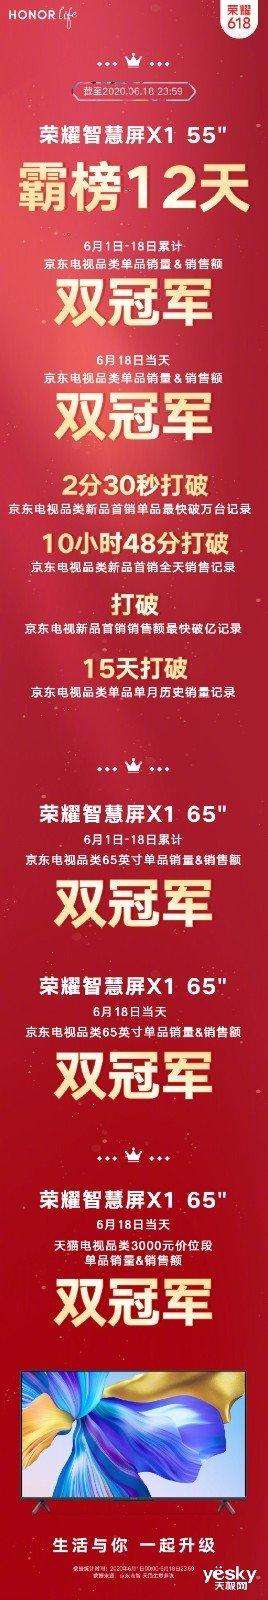 荣耀智慧屏X1系列获得618多项销量冠军